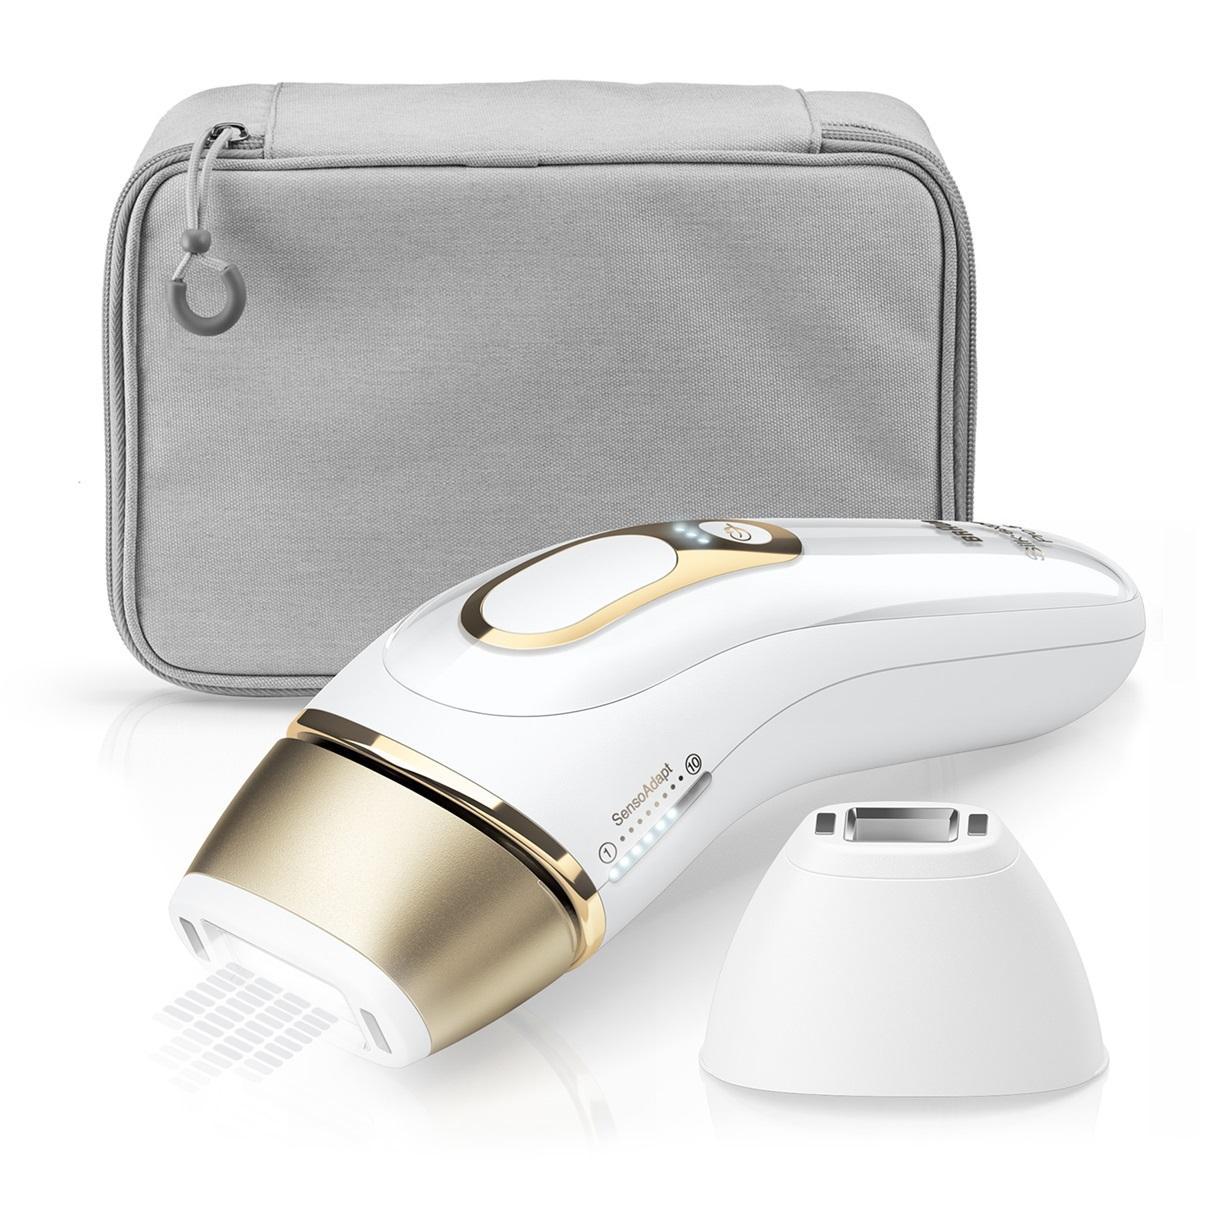 Braun Silk-Expert Pro 5 PL5117 IPL se 3 doplňky: přesnou hlavou, holicím strojkem Venus a luxusním pouzdrem